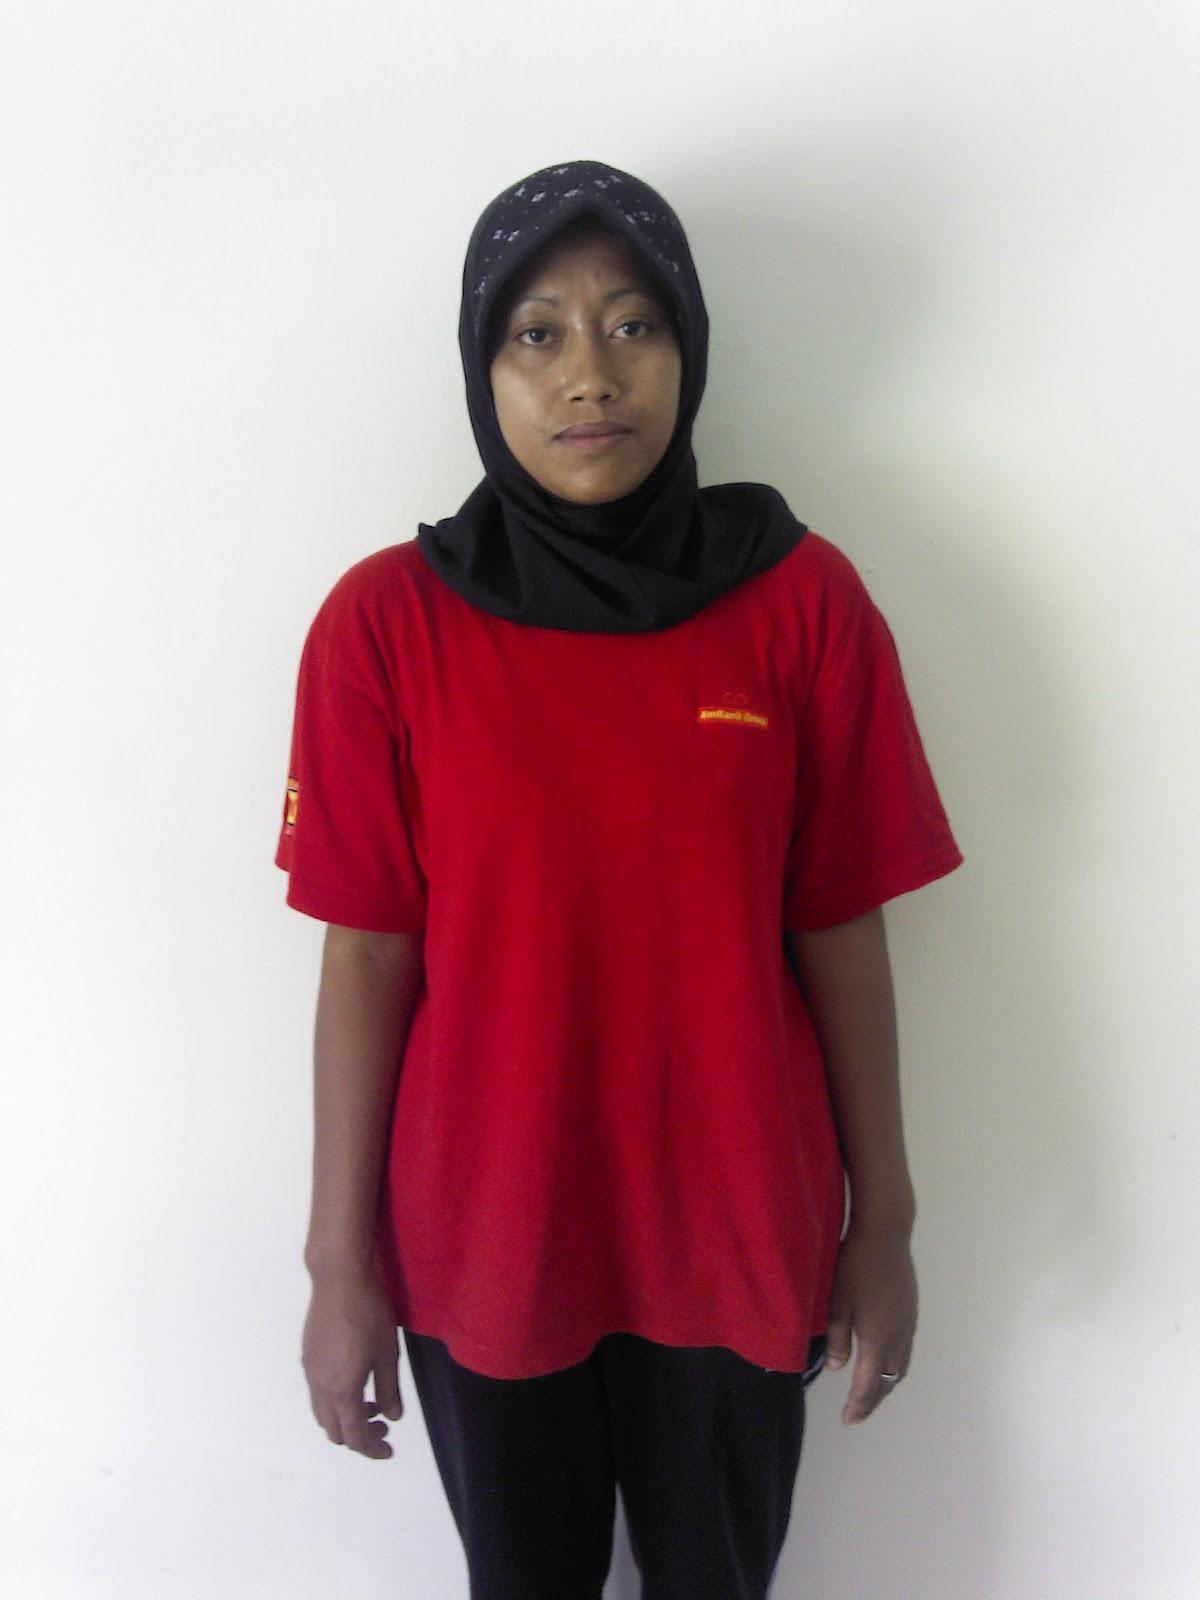 Indon maid from jawa tengah fantasy 4 - 3 part 8